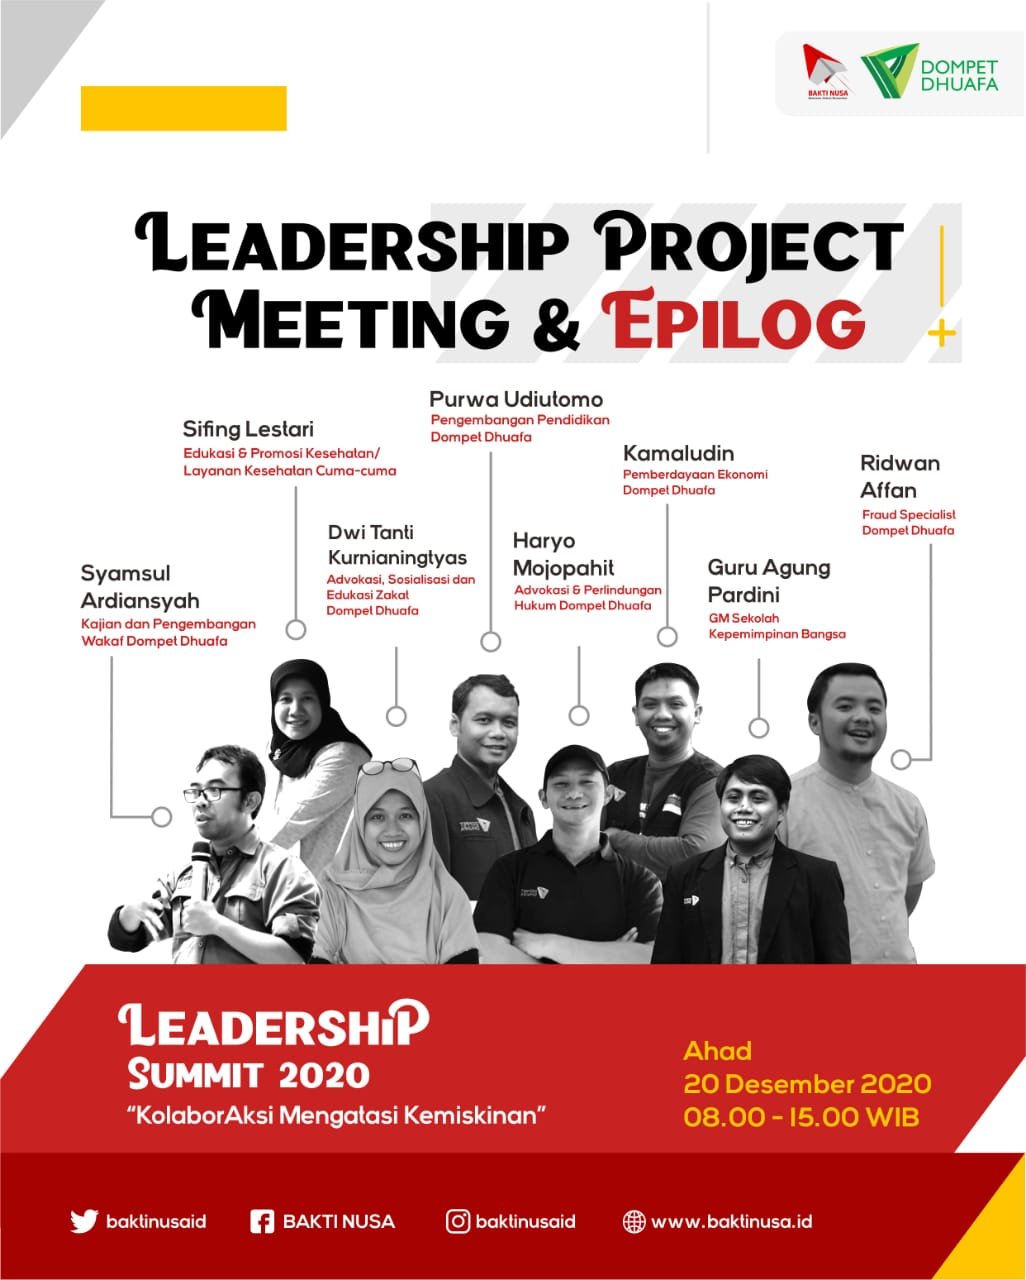 Lahirkan Program Rintisan Terbaik, Leadership Summit Optimis Ubah Perwajahan Indonesia